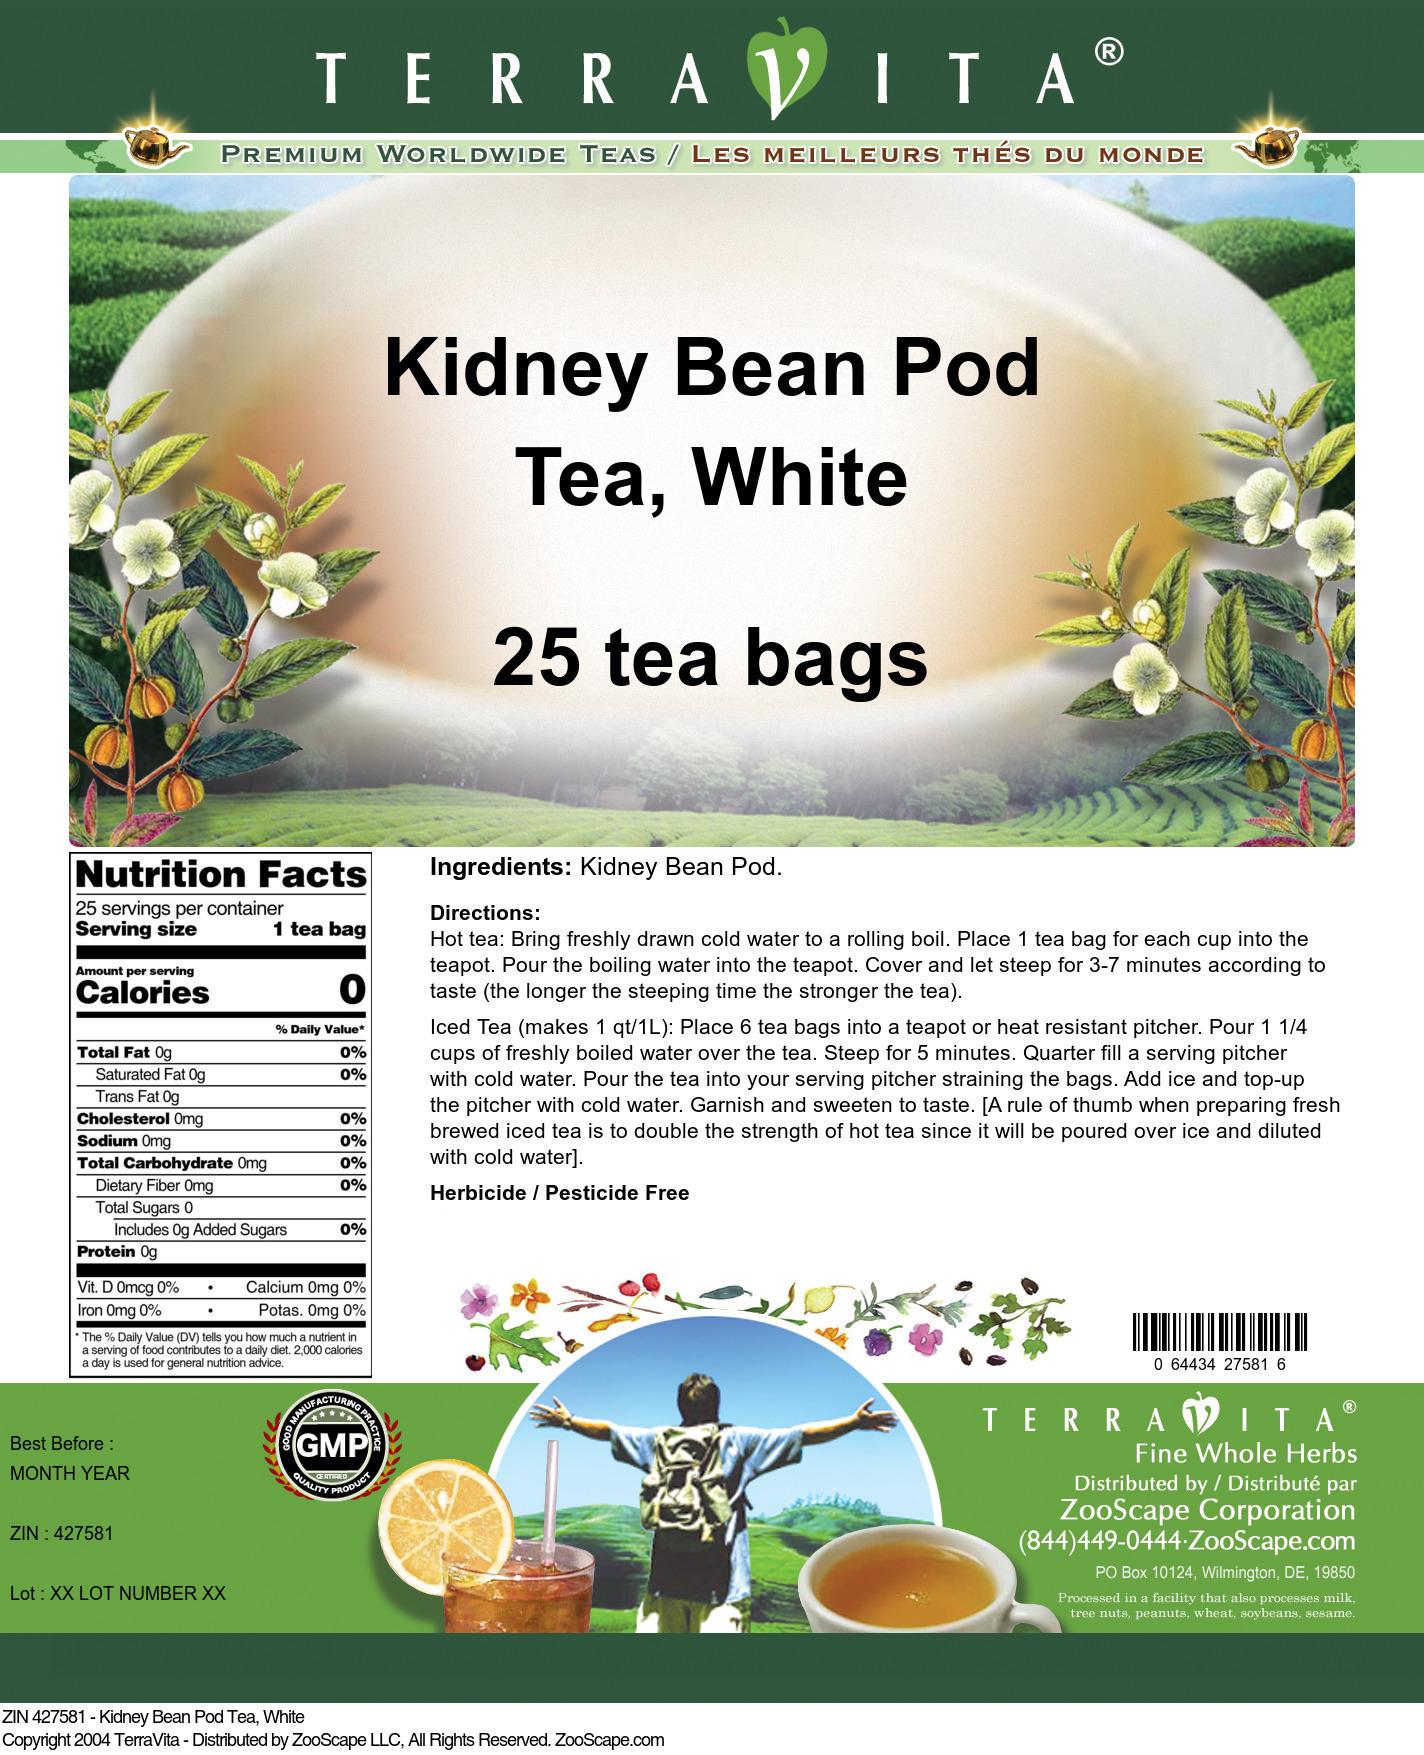 Kidney Bean Pod Tea, White